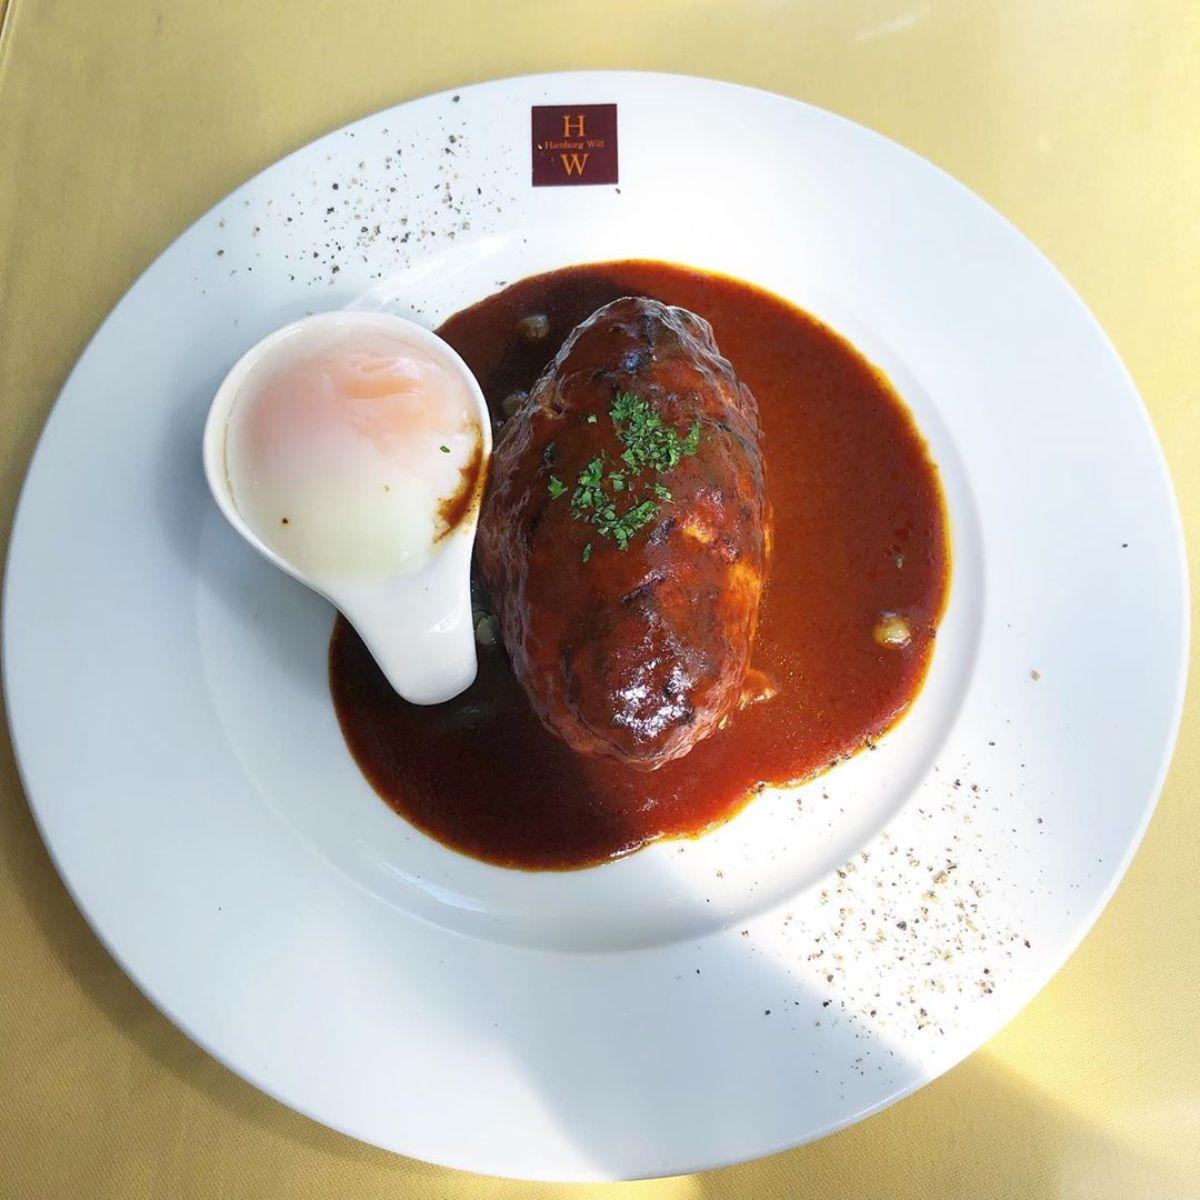 「女子だってお肉が食べたいの!」ダイエットは休憩して本当においしい都内の【肉ランチ】食べに行かない?